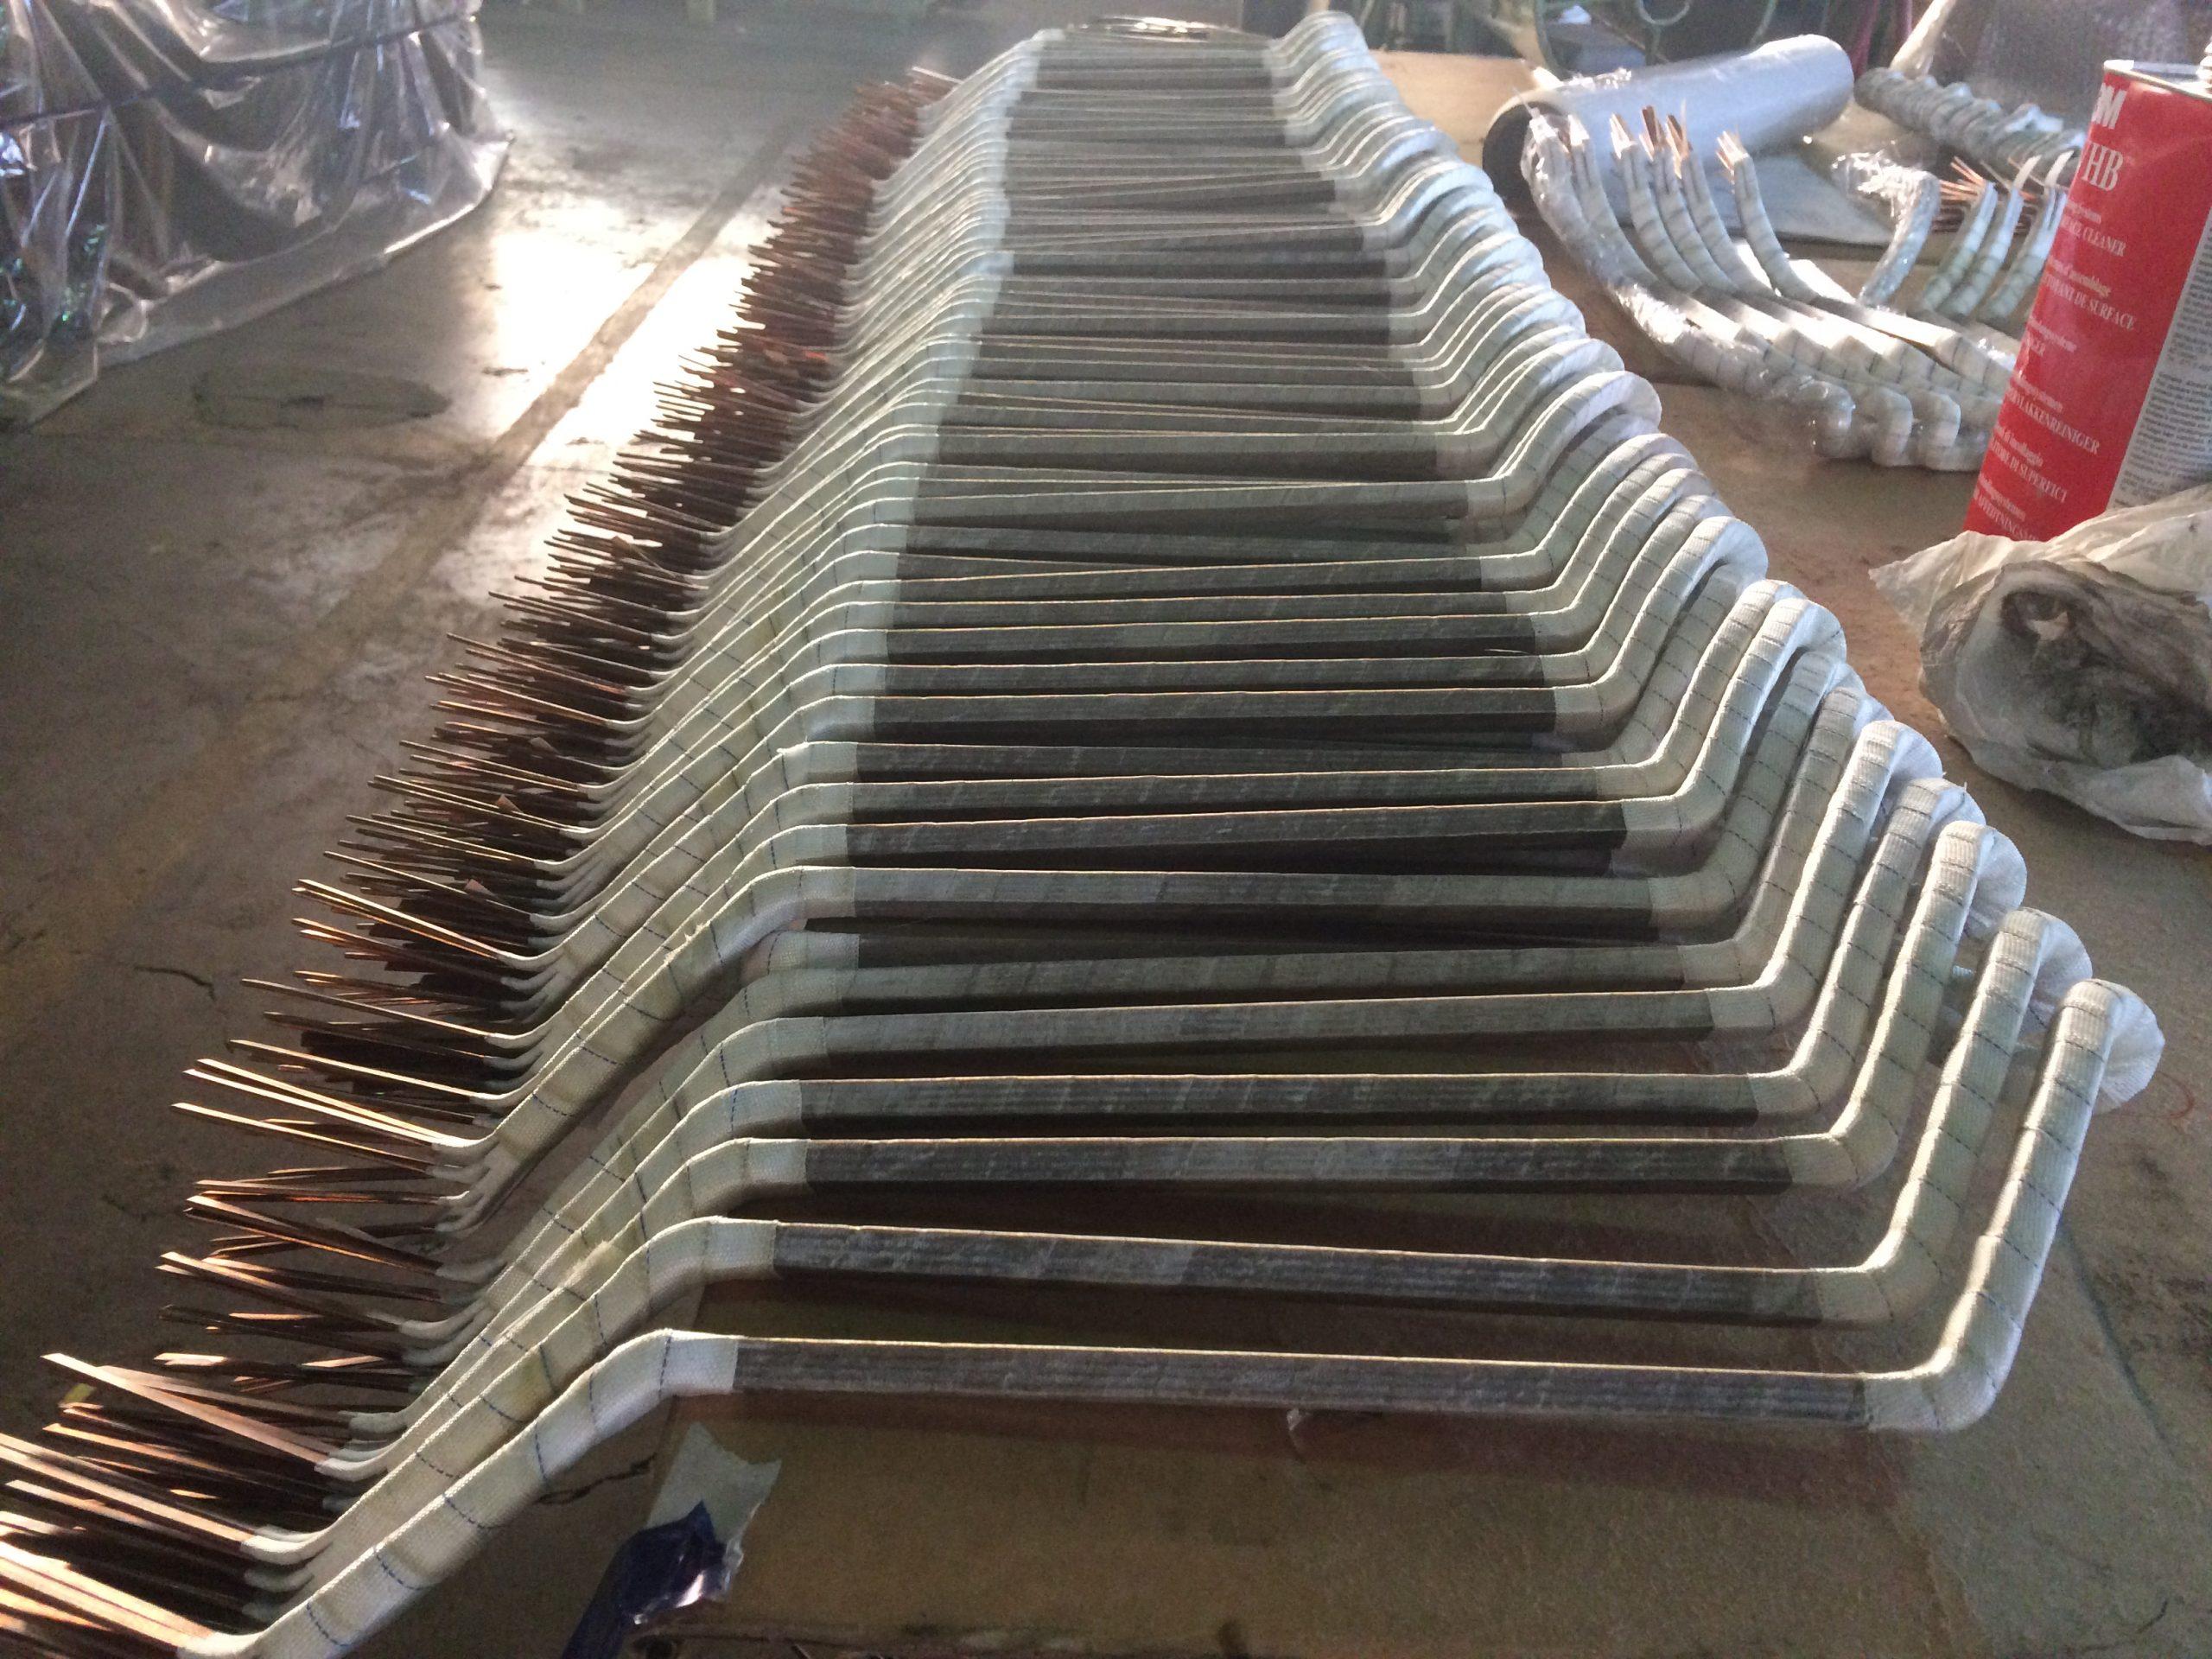 fornitura-ricambi-elettromeccanici-2127